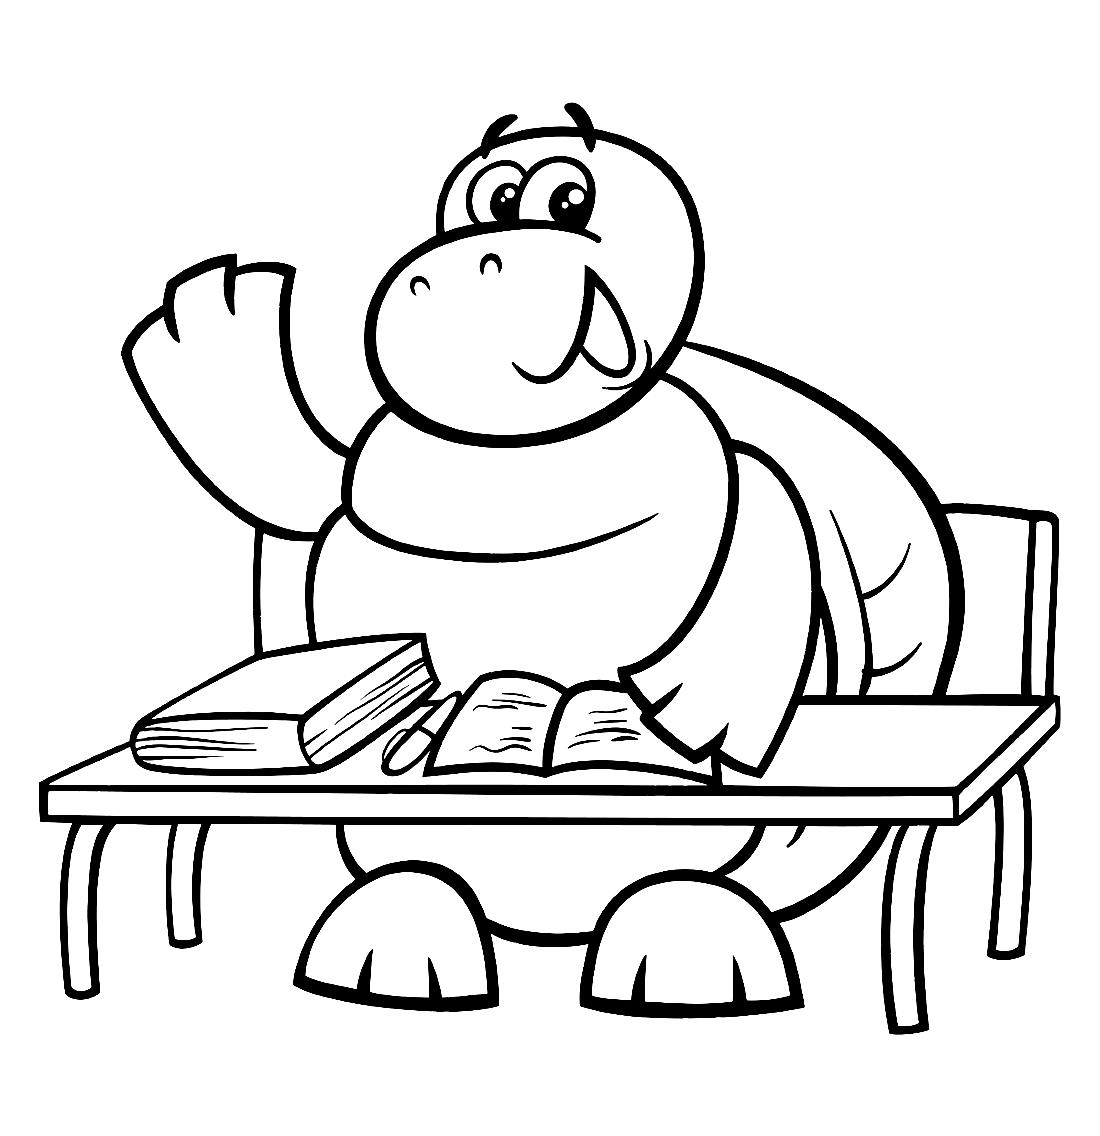 Черепаха в школе - раскраска №13172 | Printonic.ru